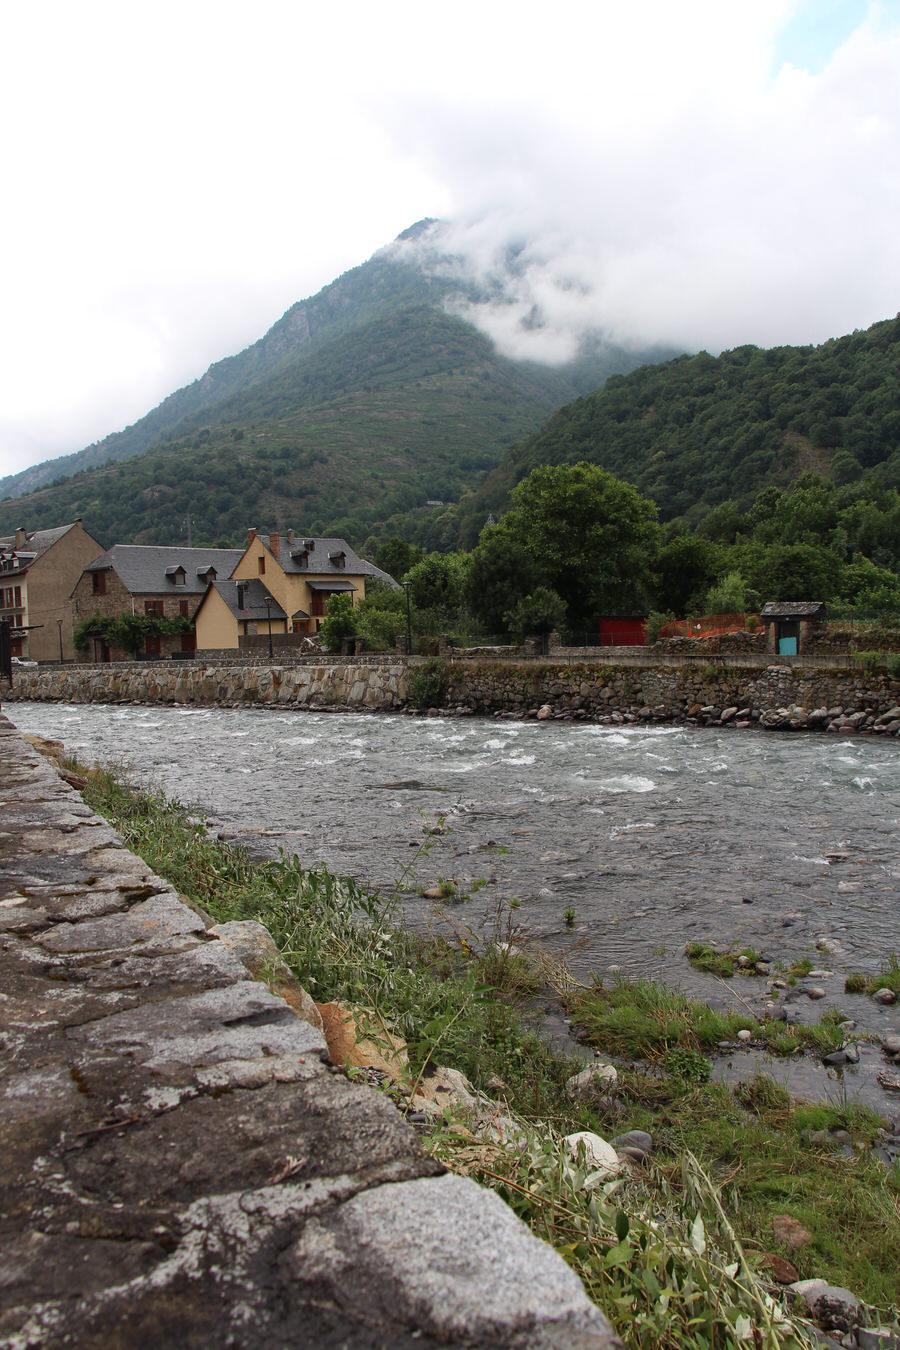 Río Garona a su paso por Bossost